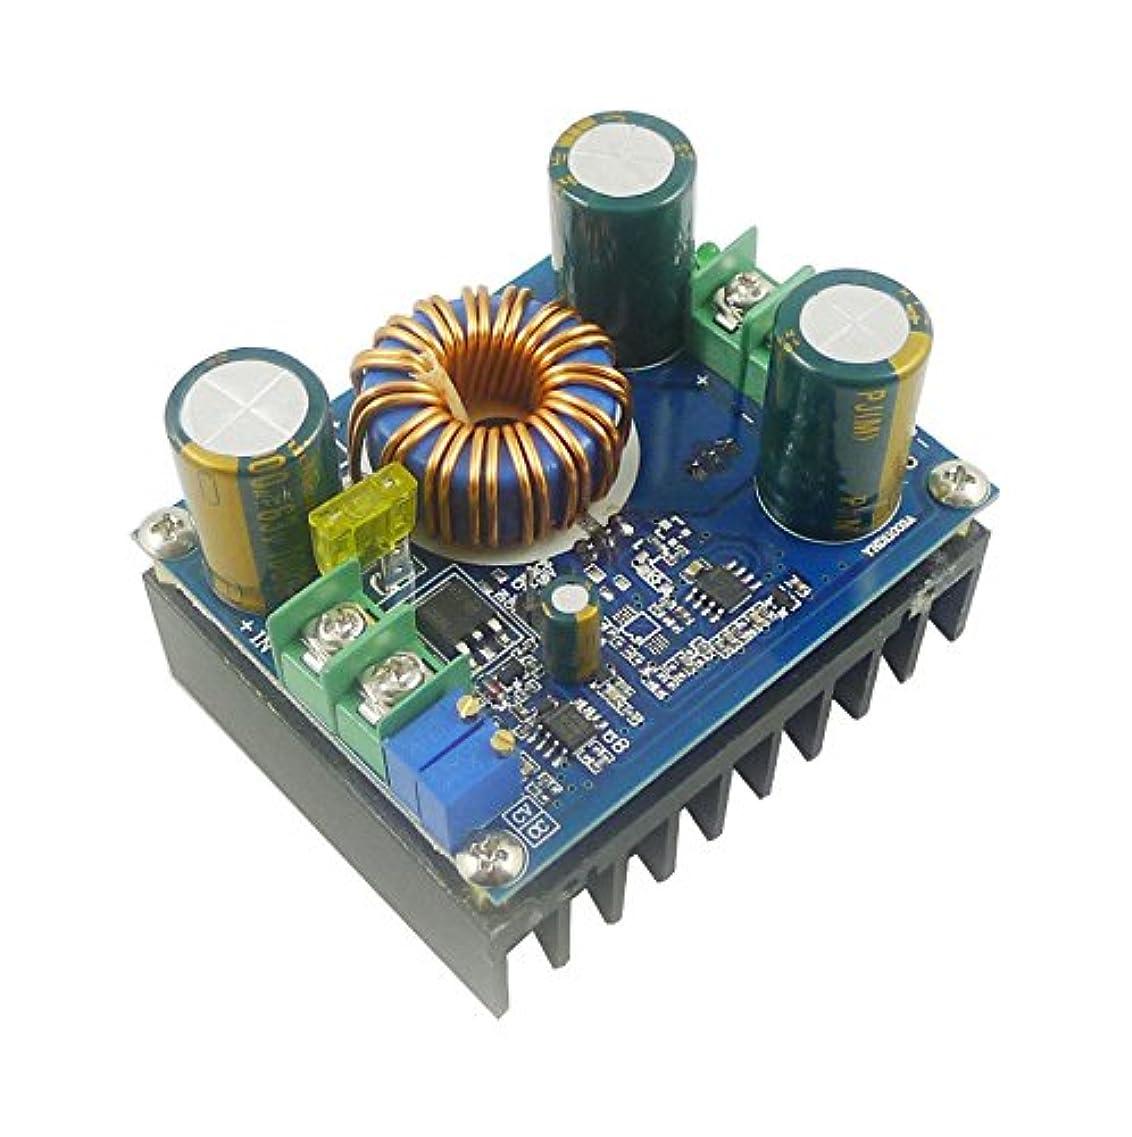 平均屋内囲いEasyWordMall 600W DC-DCブーストモジュール定電圧定電流電源12-80V車の充電器ソーラーレギュレータ